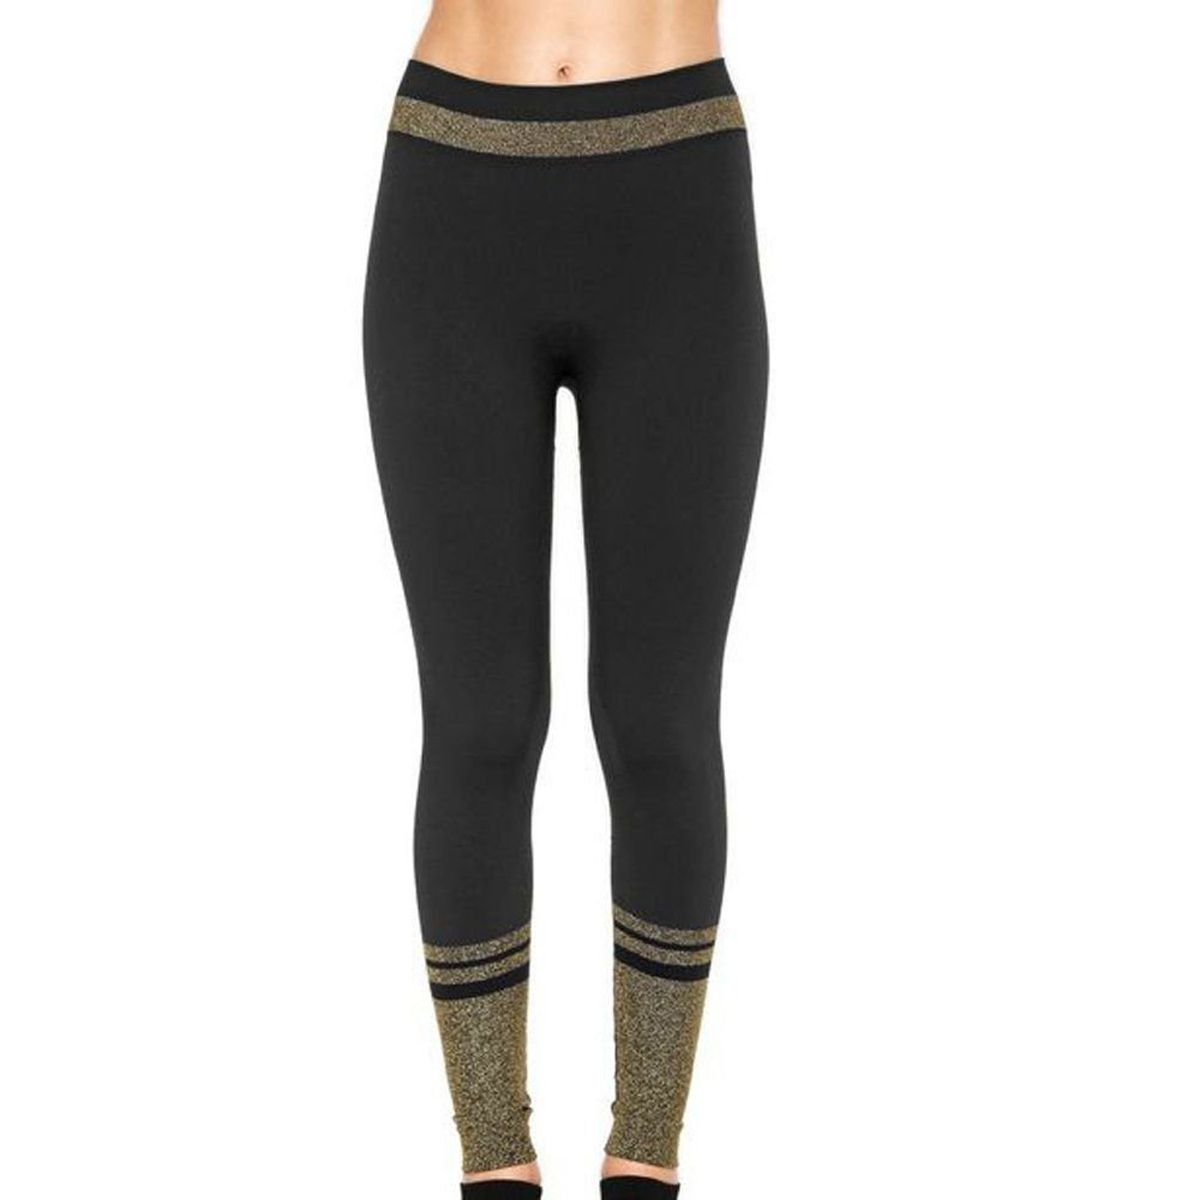 Calça legging feminina com brilho para academia fitness Lupo -